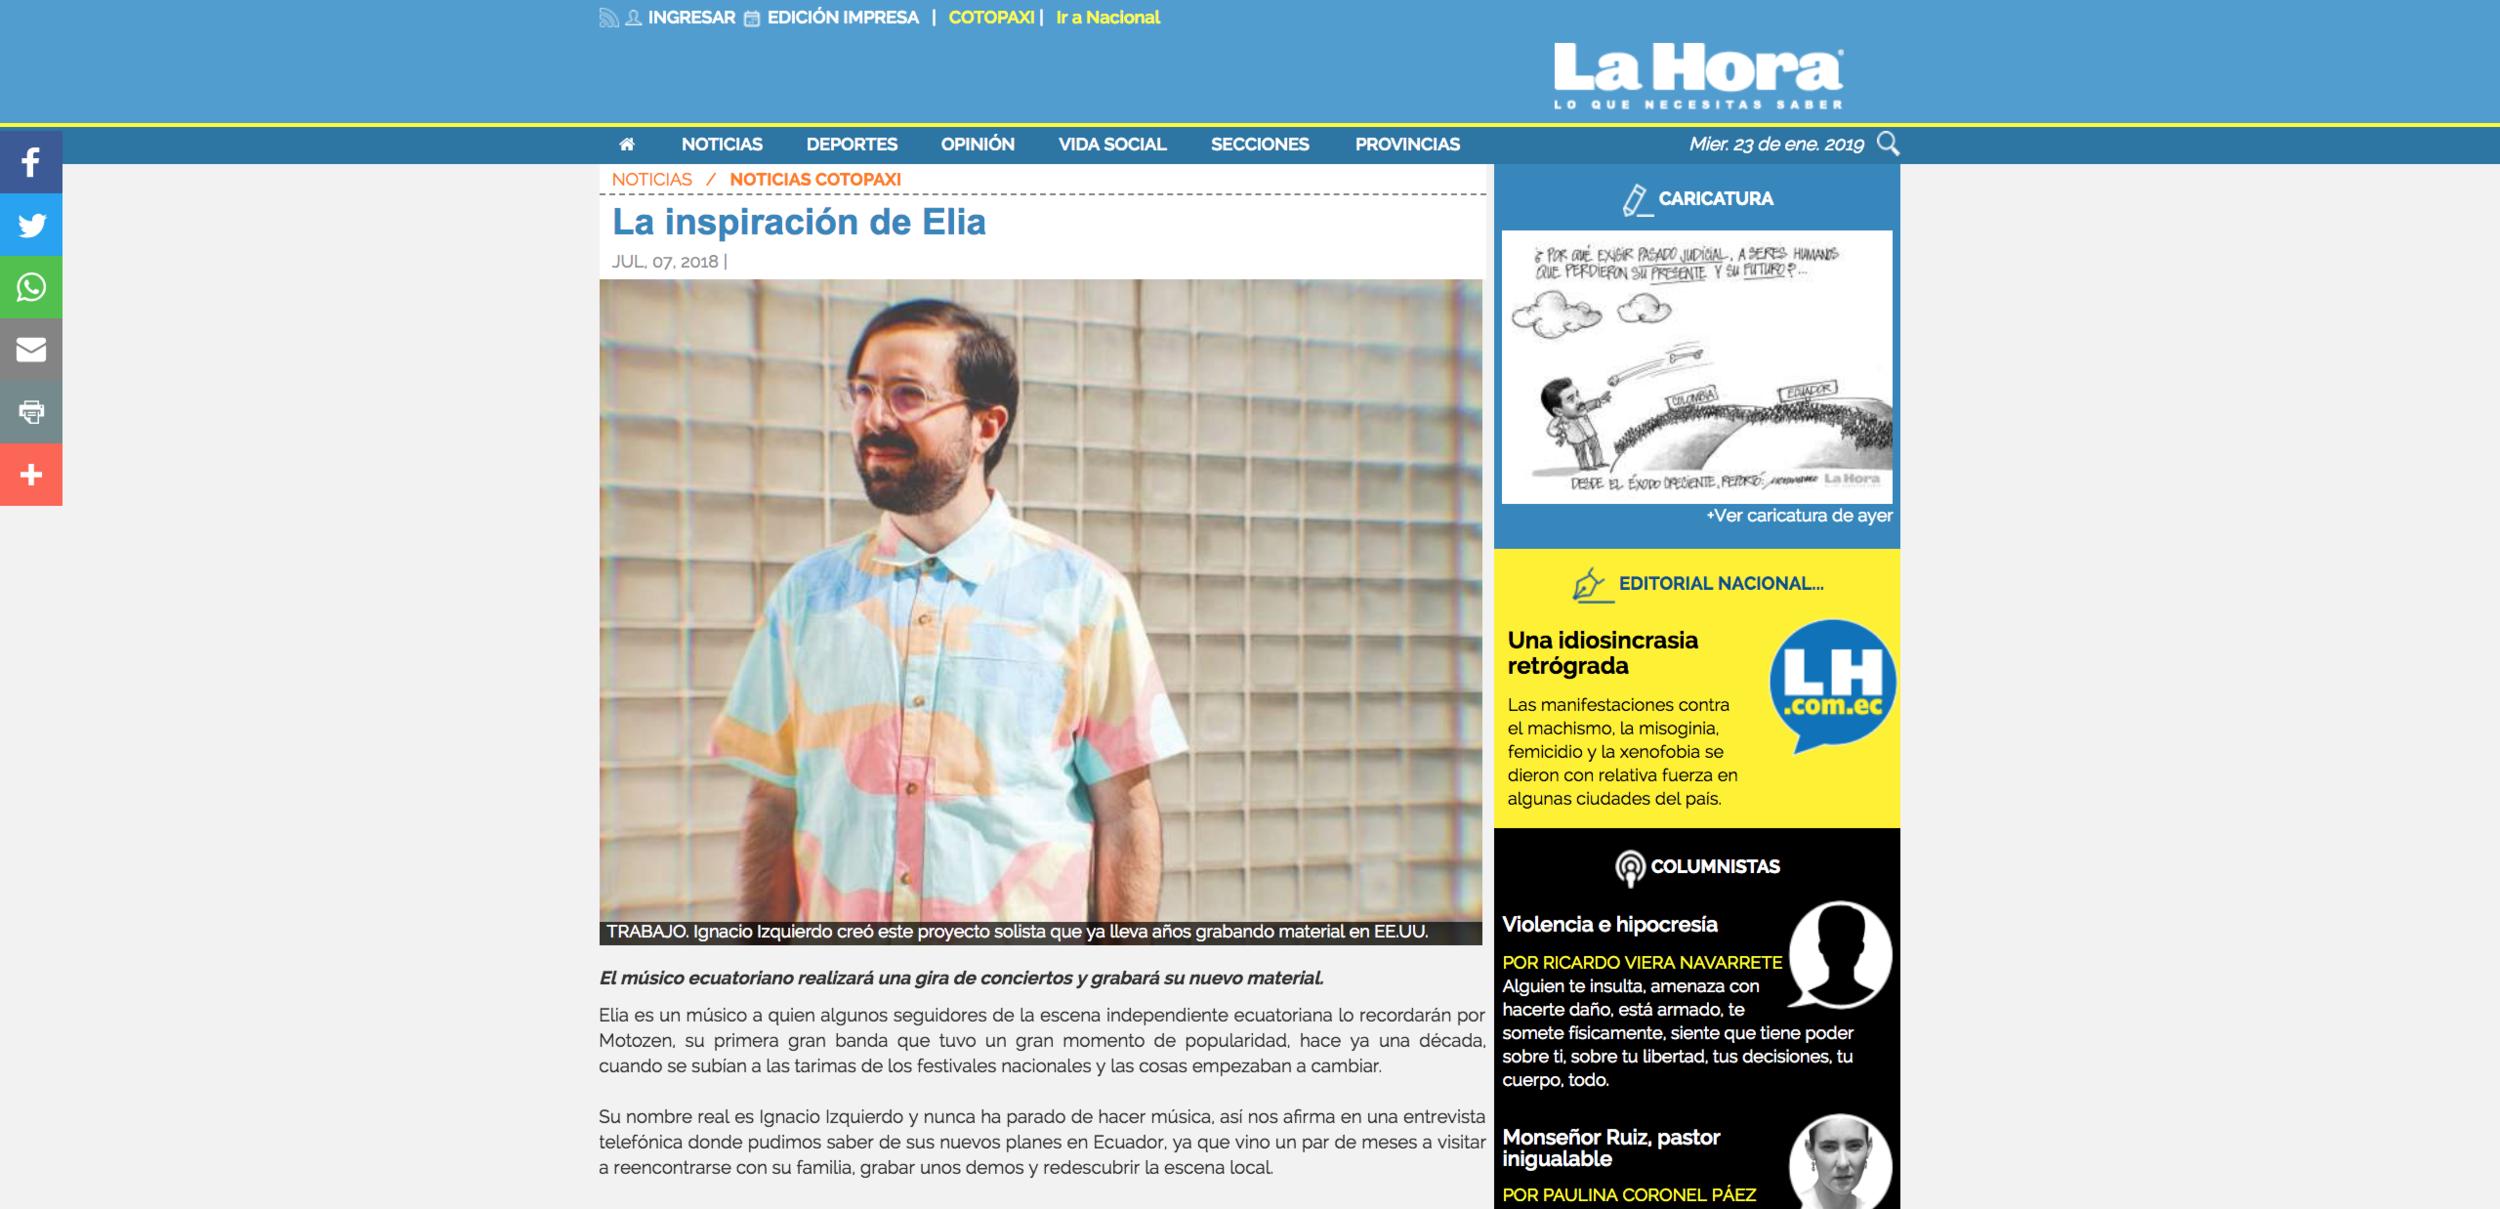 """la hora - """"Elia es un músico a quien algunos seguidores de la escena independiente ecuatoriana lo recordarán por Motozen, su primera gran banda que tuvo un gran momento de popularidad, hace ya una década, cuando se subían a las tarimas de los festivales nacionales y las cosas empezaban a cambiar."""""""